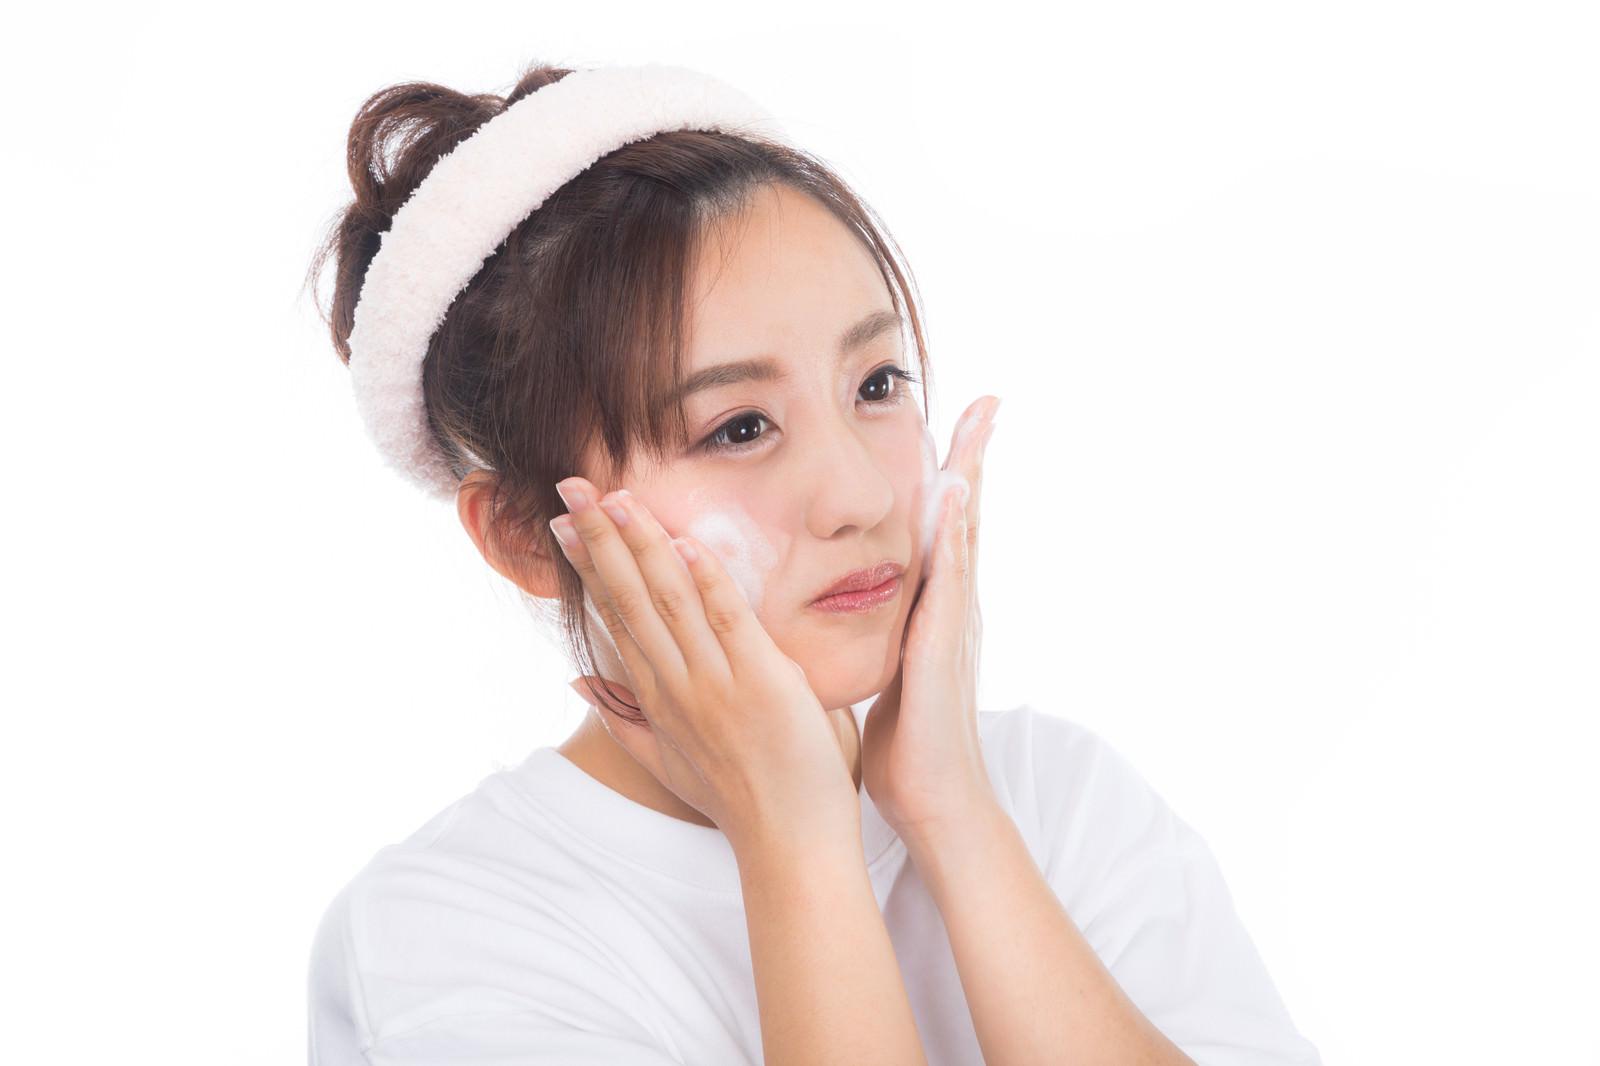 「クレンジングの泡で洗顔中の女性」の写真[モデル:河村友歌]